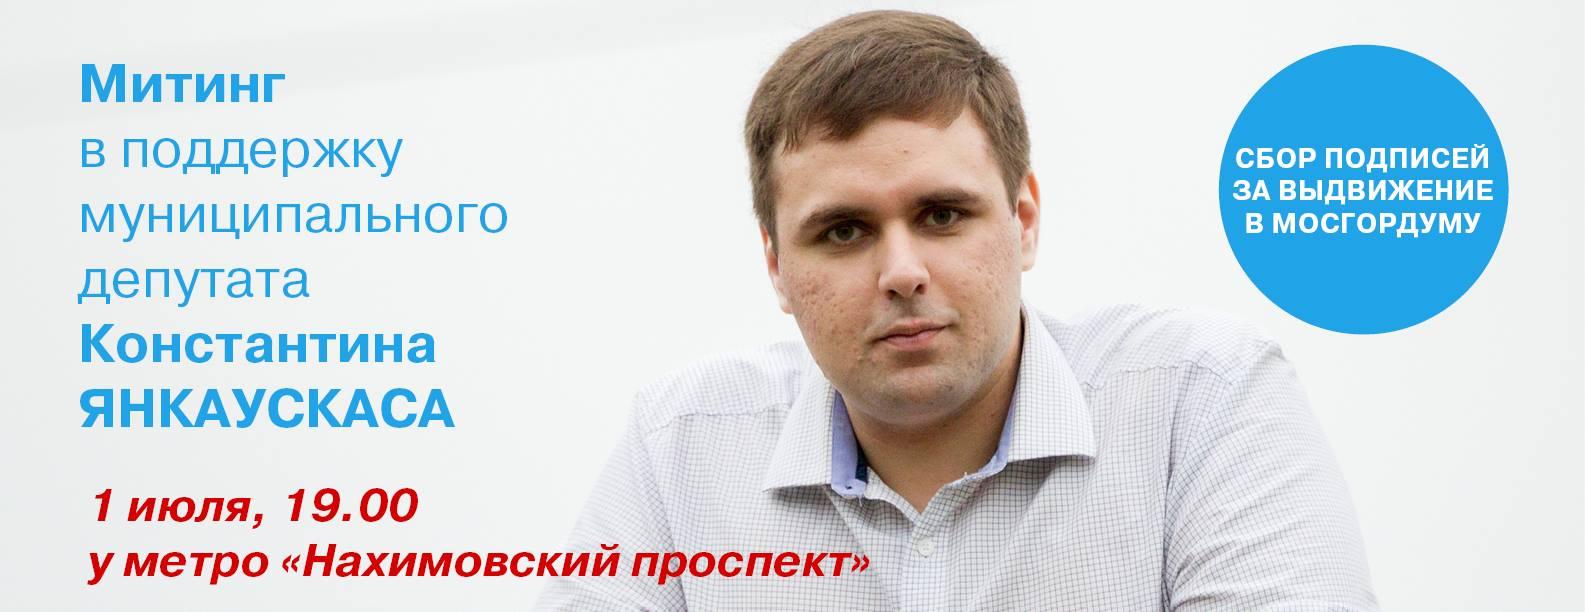 Митинг в поддержку К. Янкаускаса